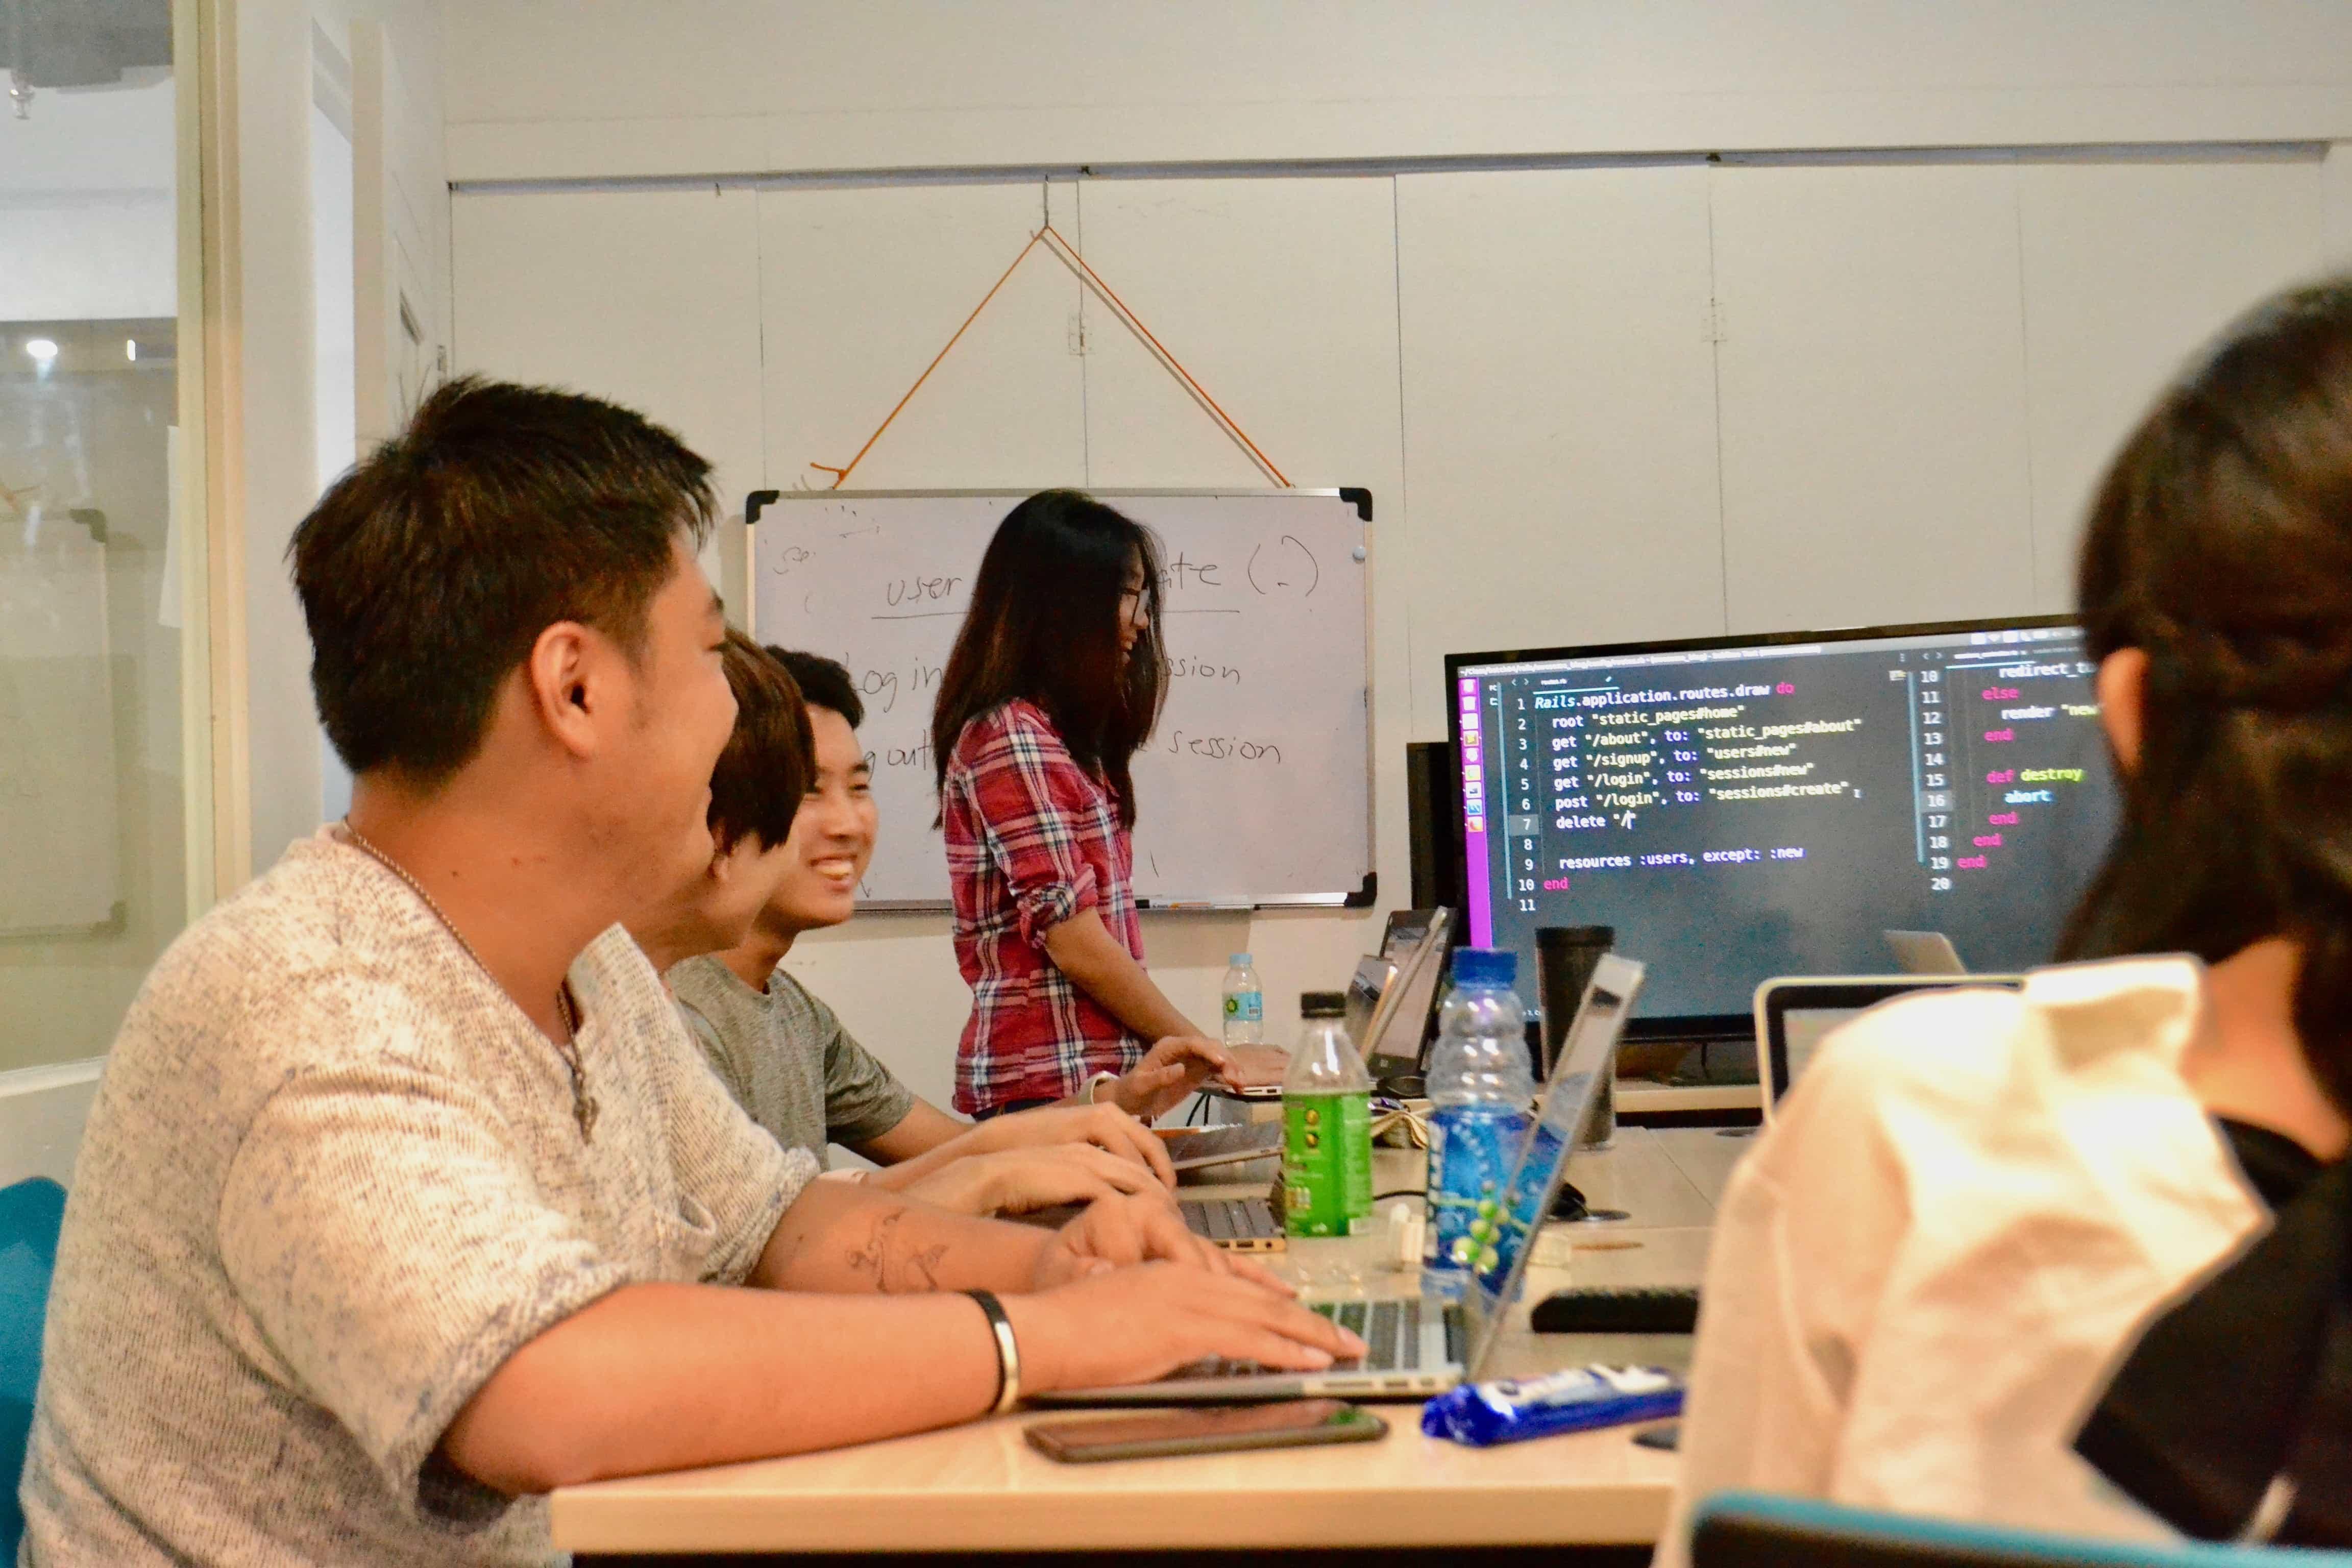 実際の授業風景。授業では現役のエンジニアが講師を務める